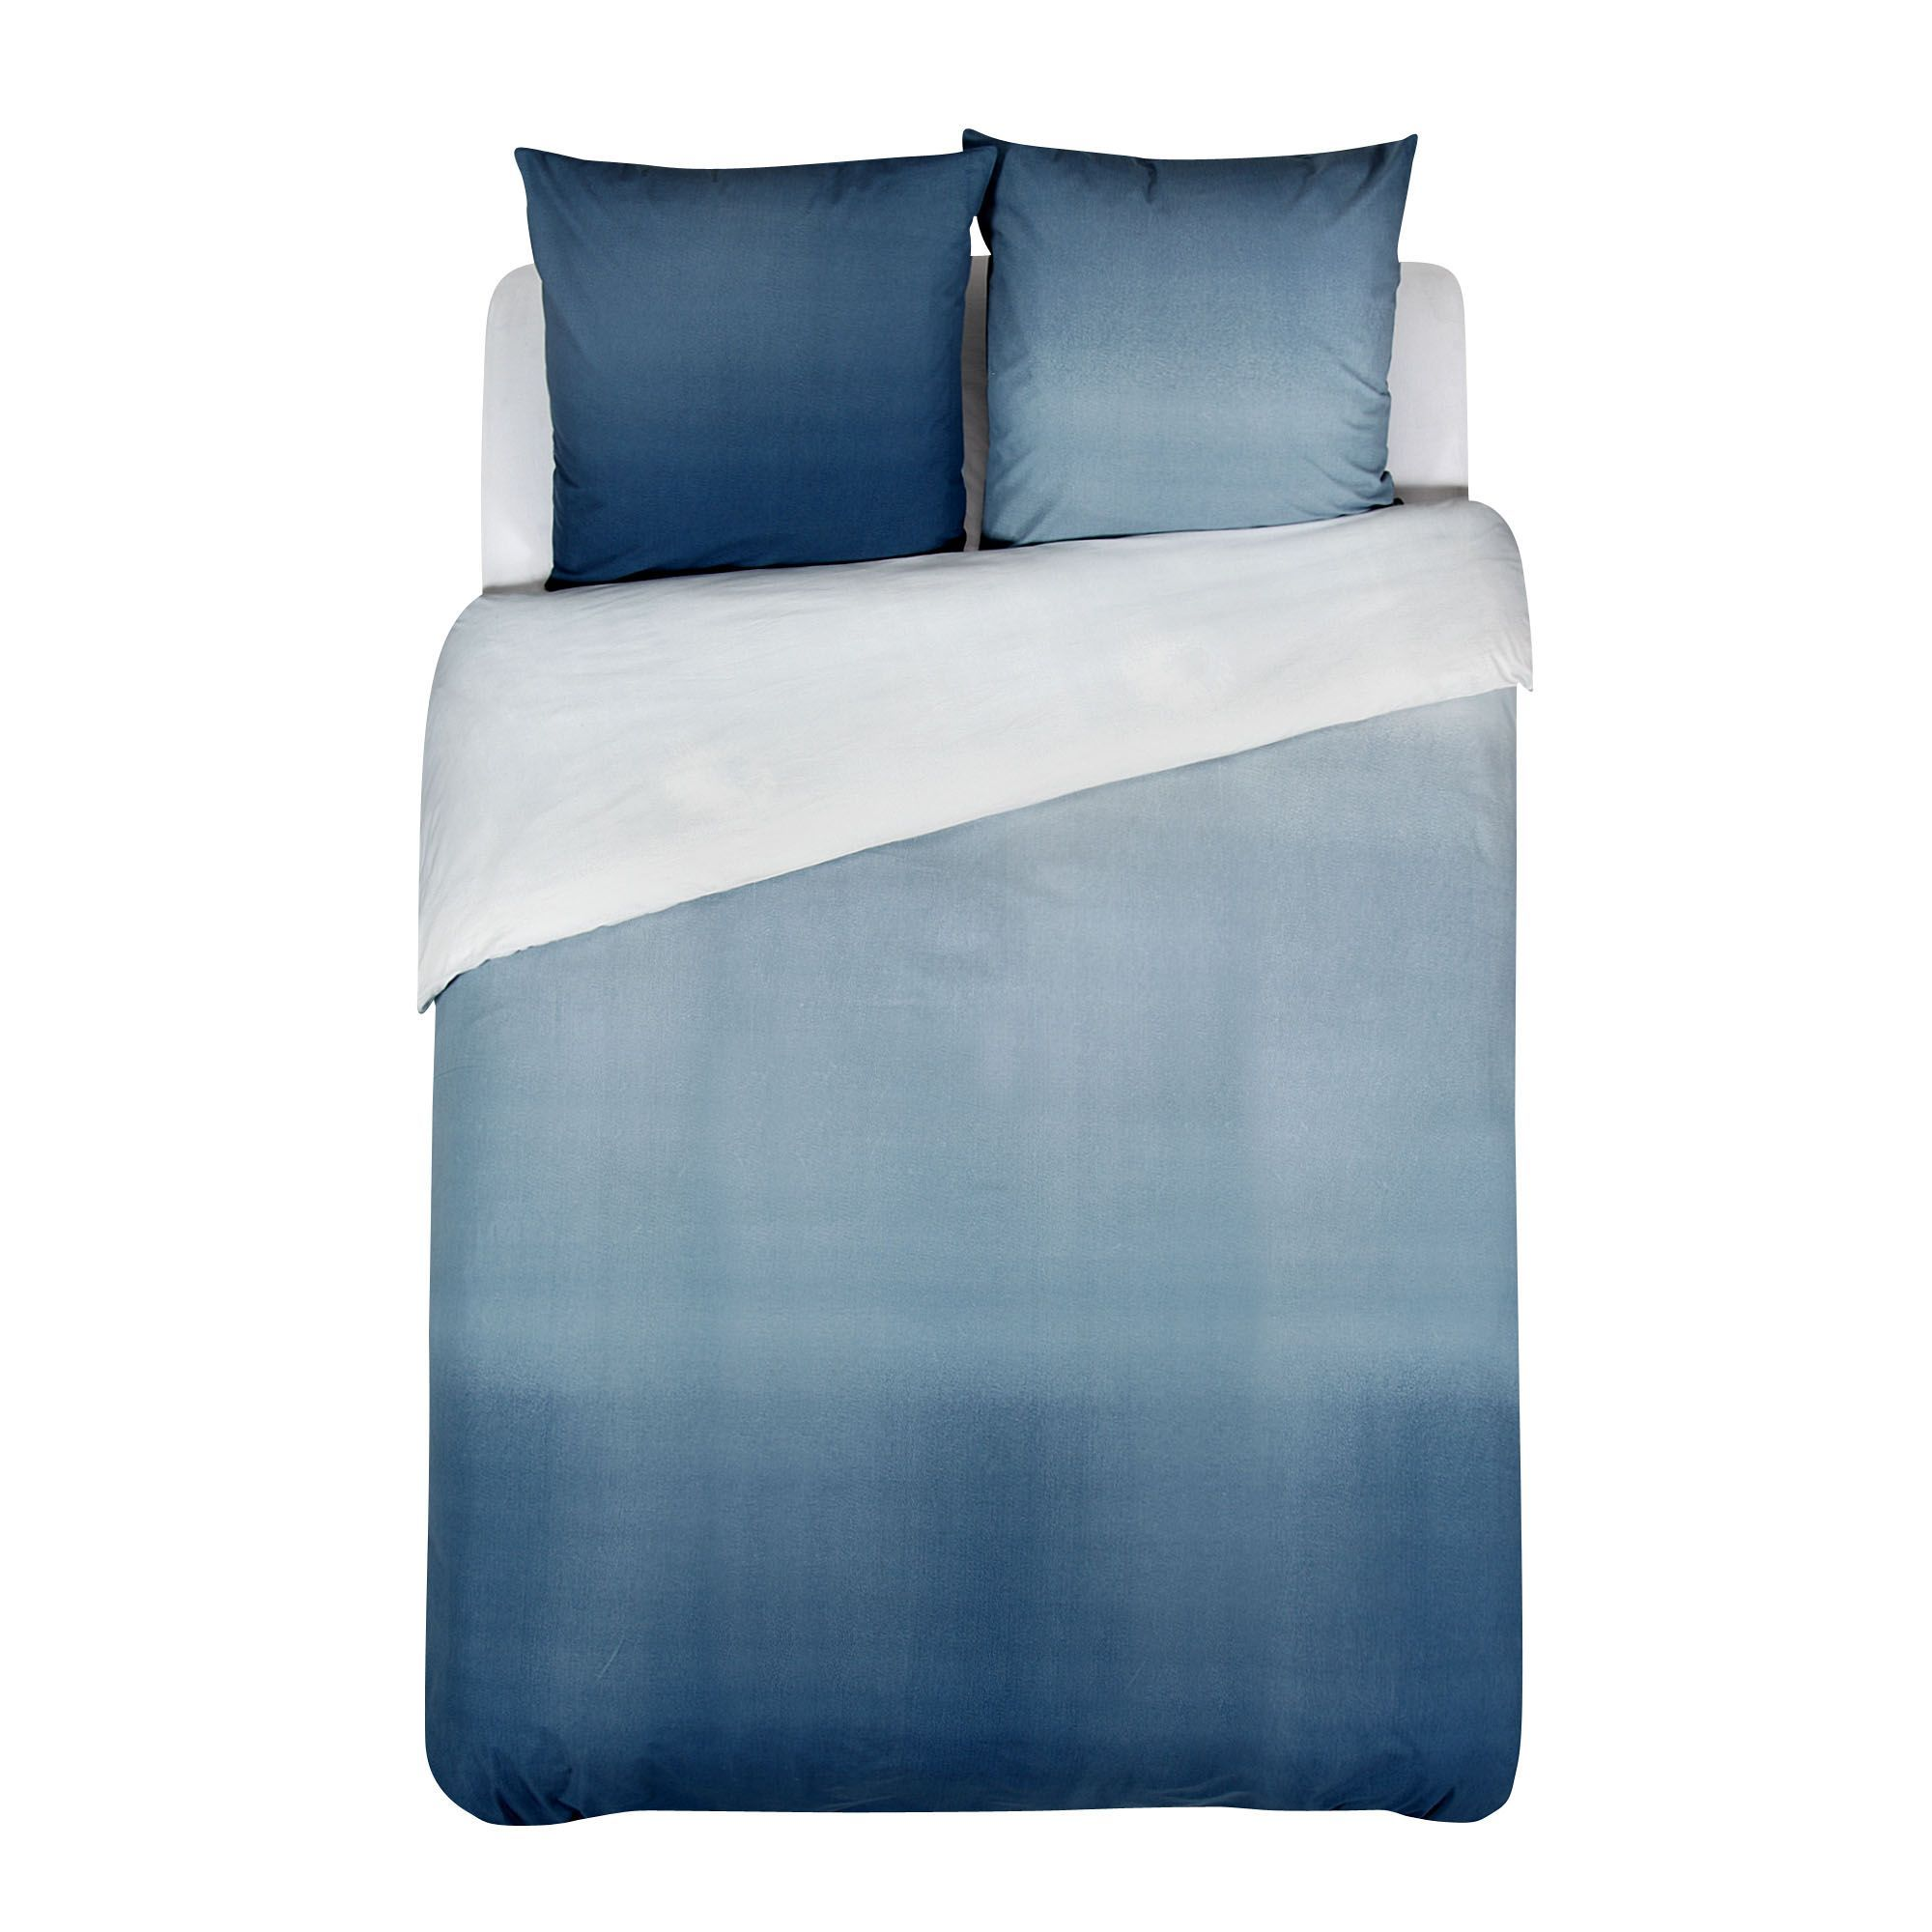 housse couette 260x240cm et 2 taies d 39 oreiller turquoise ocean les parures de lit linge de. Black Bedroom Furniture Sets. Home Design Ideas